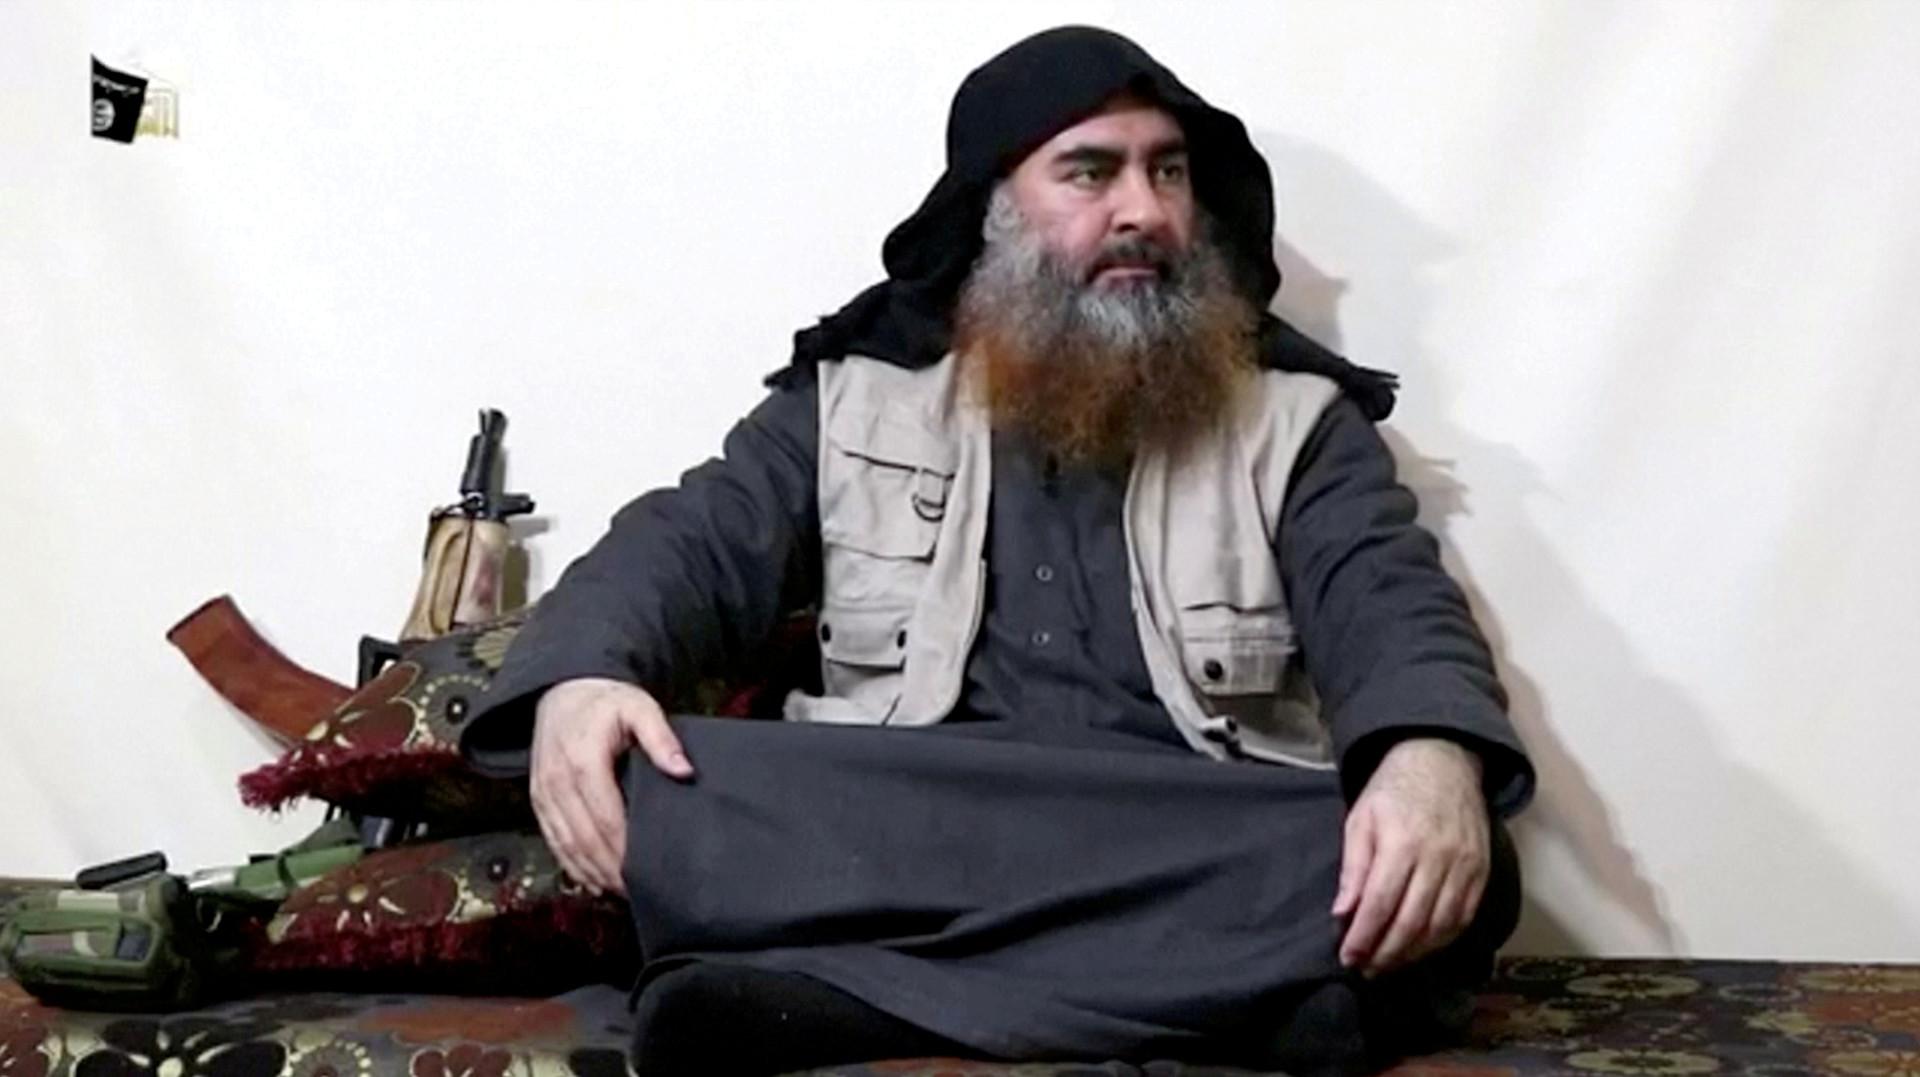 زعيم تنظيم داعش أبو بكر البغدادي، أرشيف